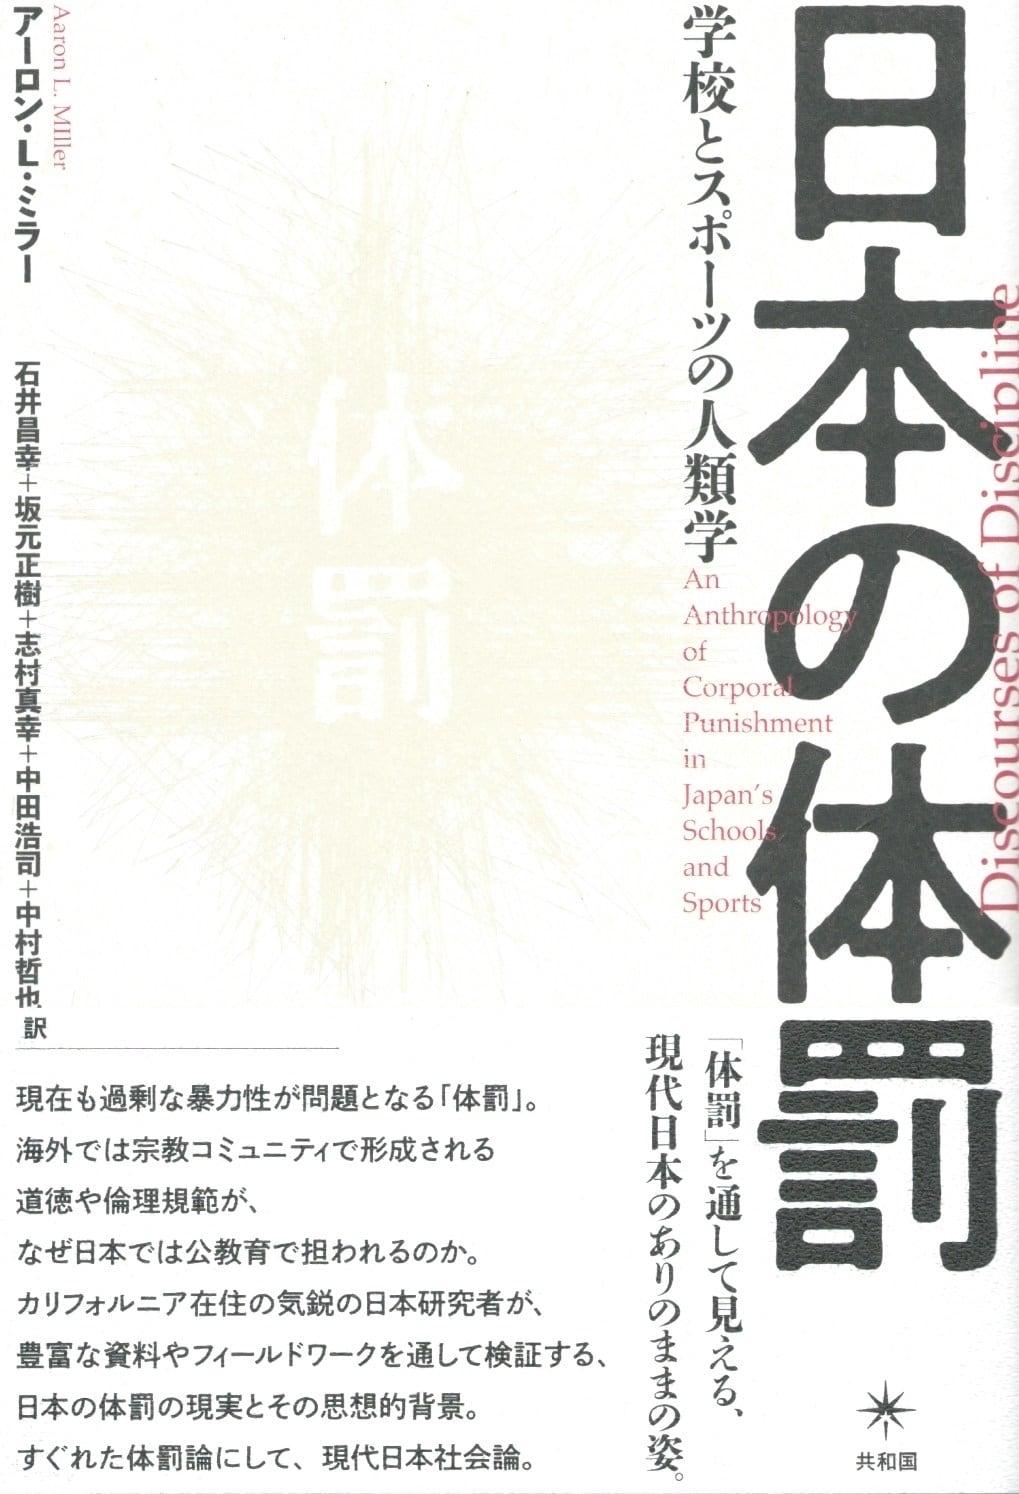 日本の体罰 学校とスポーツの人類学